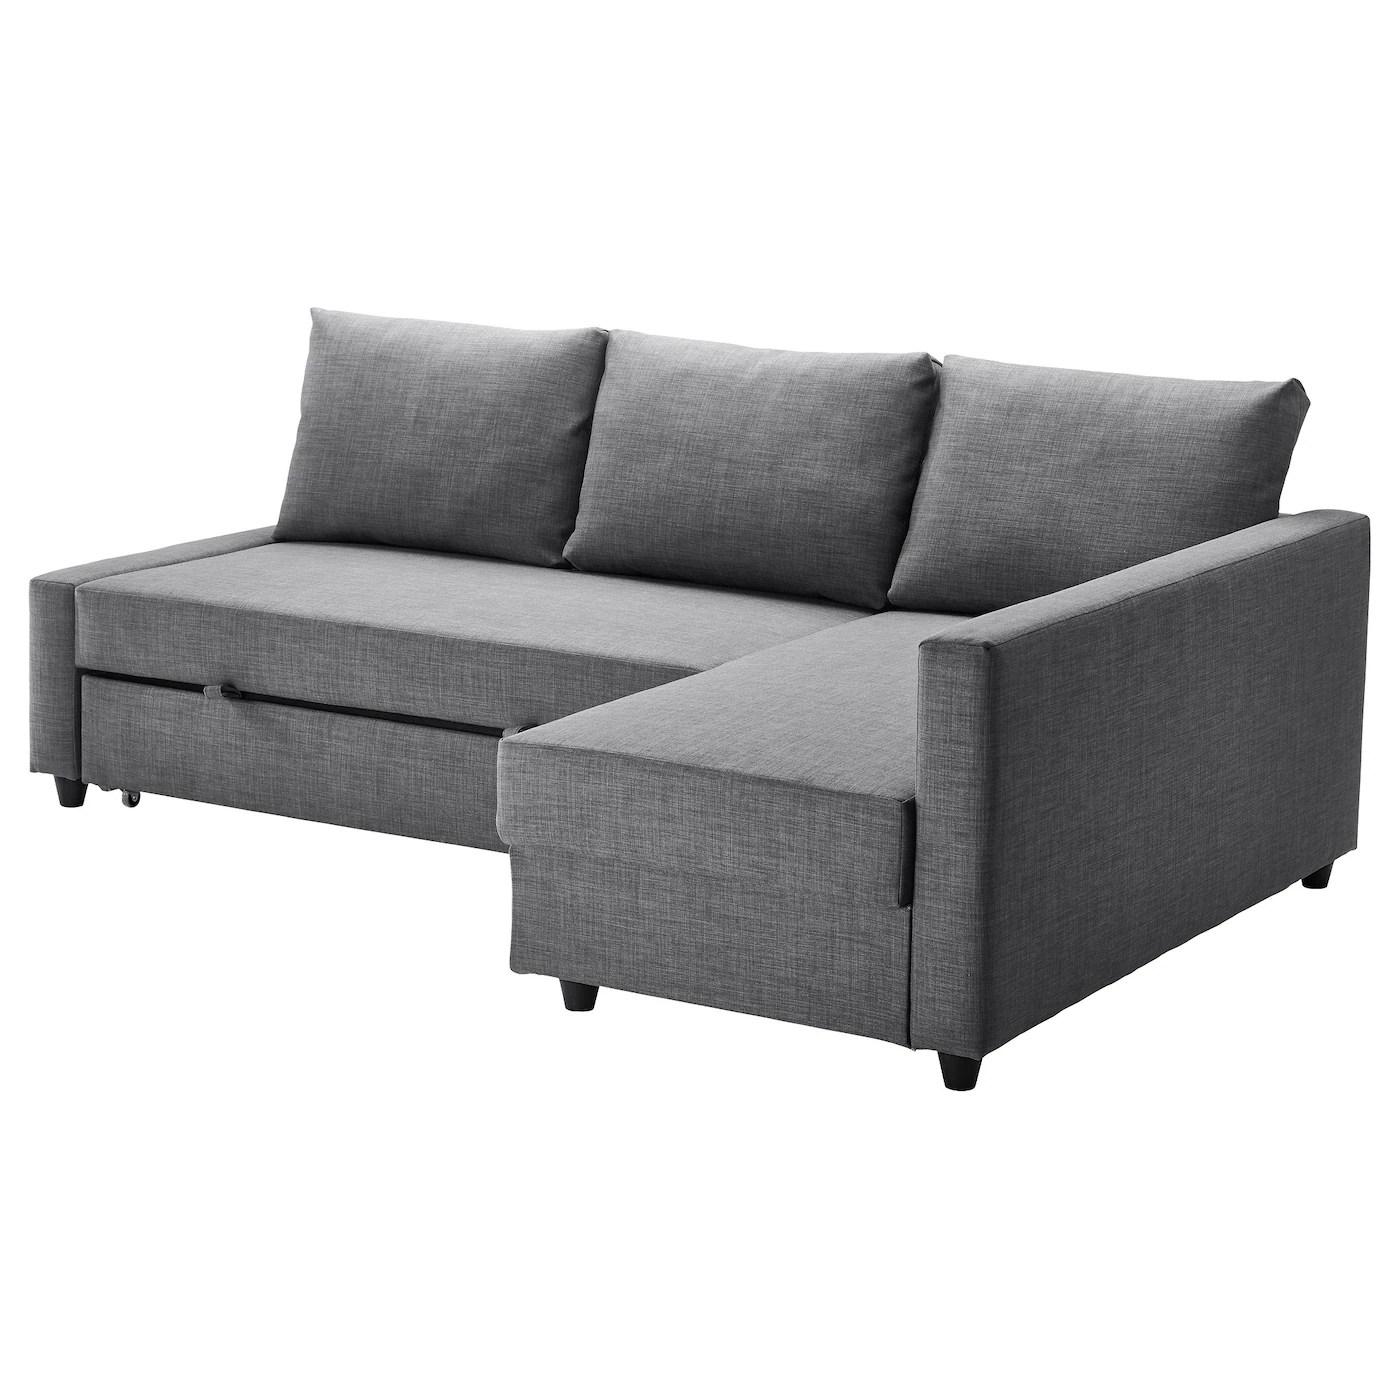 tiendas sofas cama baratos madrid 3pc rattan garden sofa set de calidad compra online ikea friheten esquina con almacenaje chaiselongue y doble todo en uno